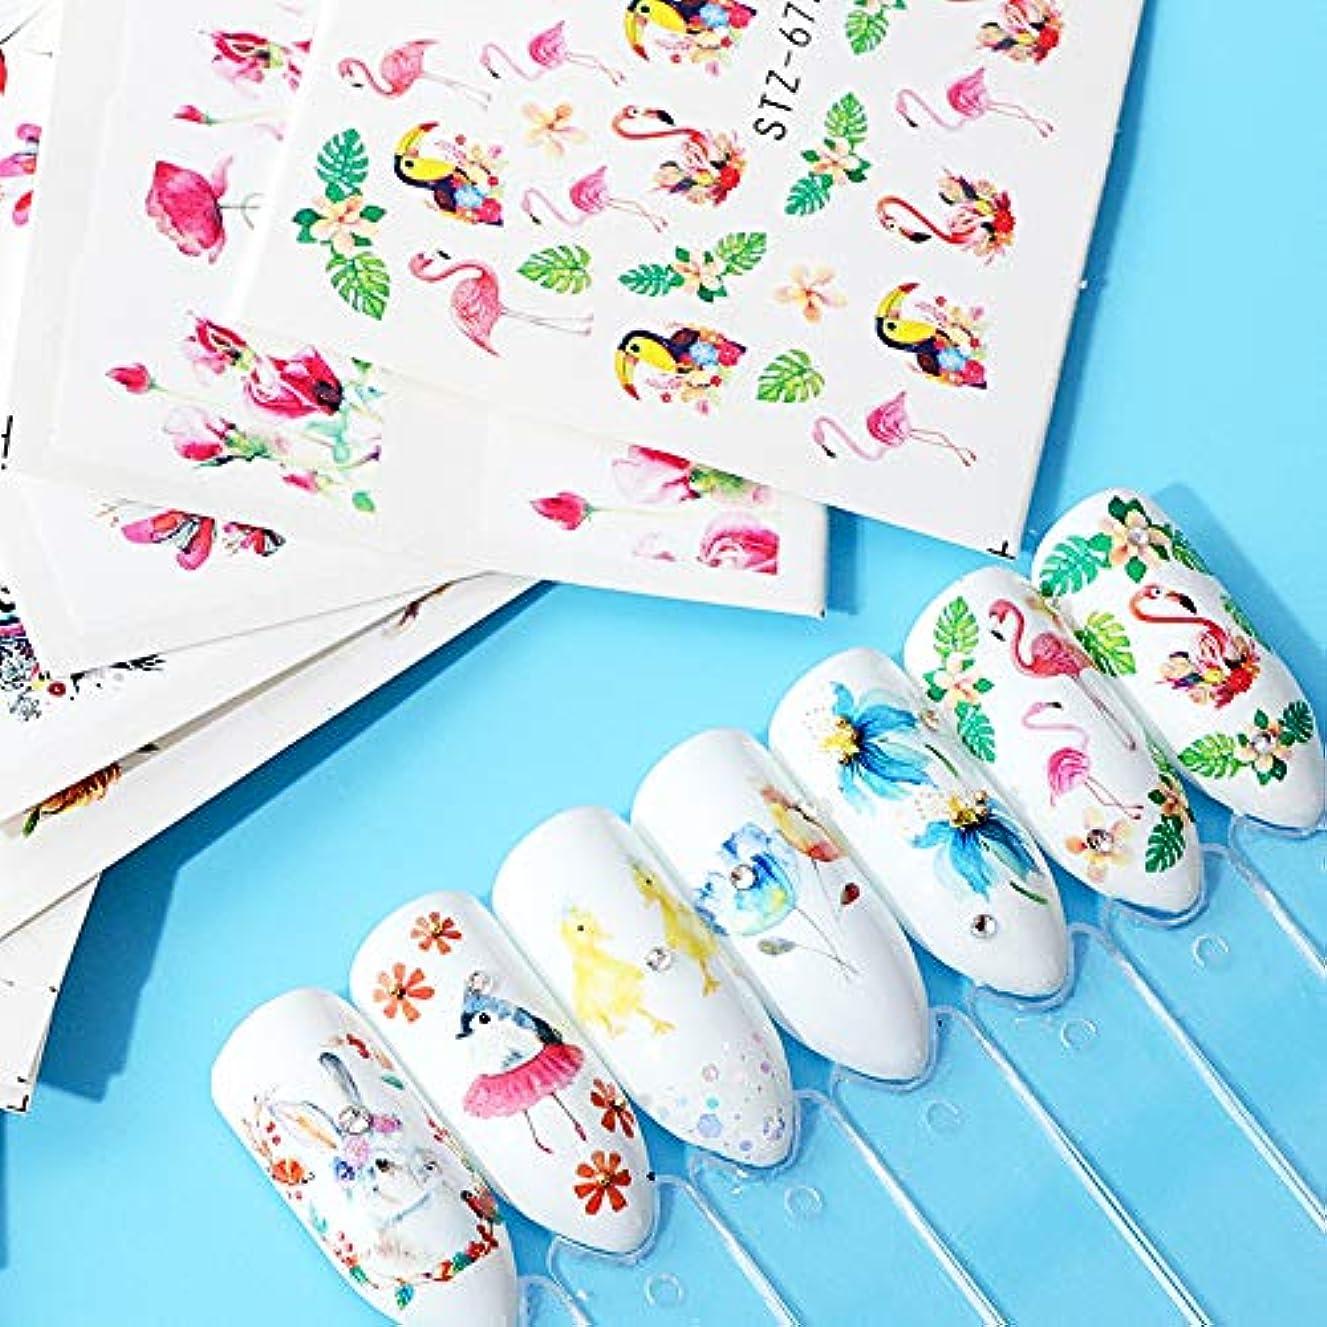 ティッシュブラウズ気球SUKTI&XIAO ネイルステッカー 15ピースネイルアート水デカールステッカー熱帯の入れ墨スライダー動物花デザイン装飾マニキュア